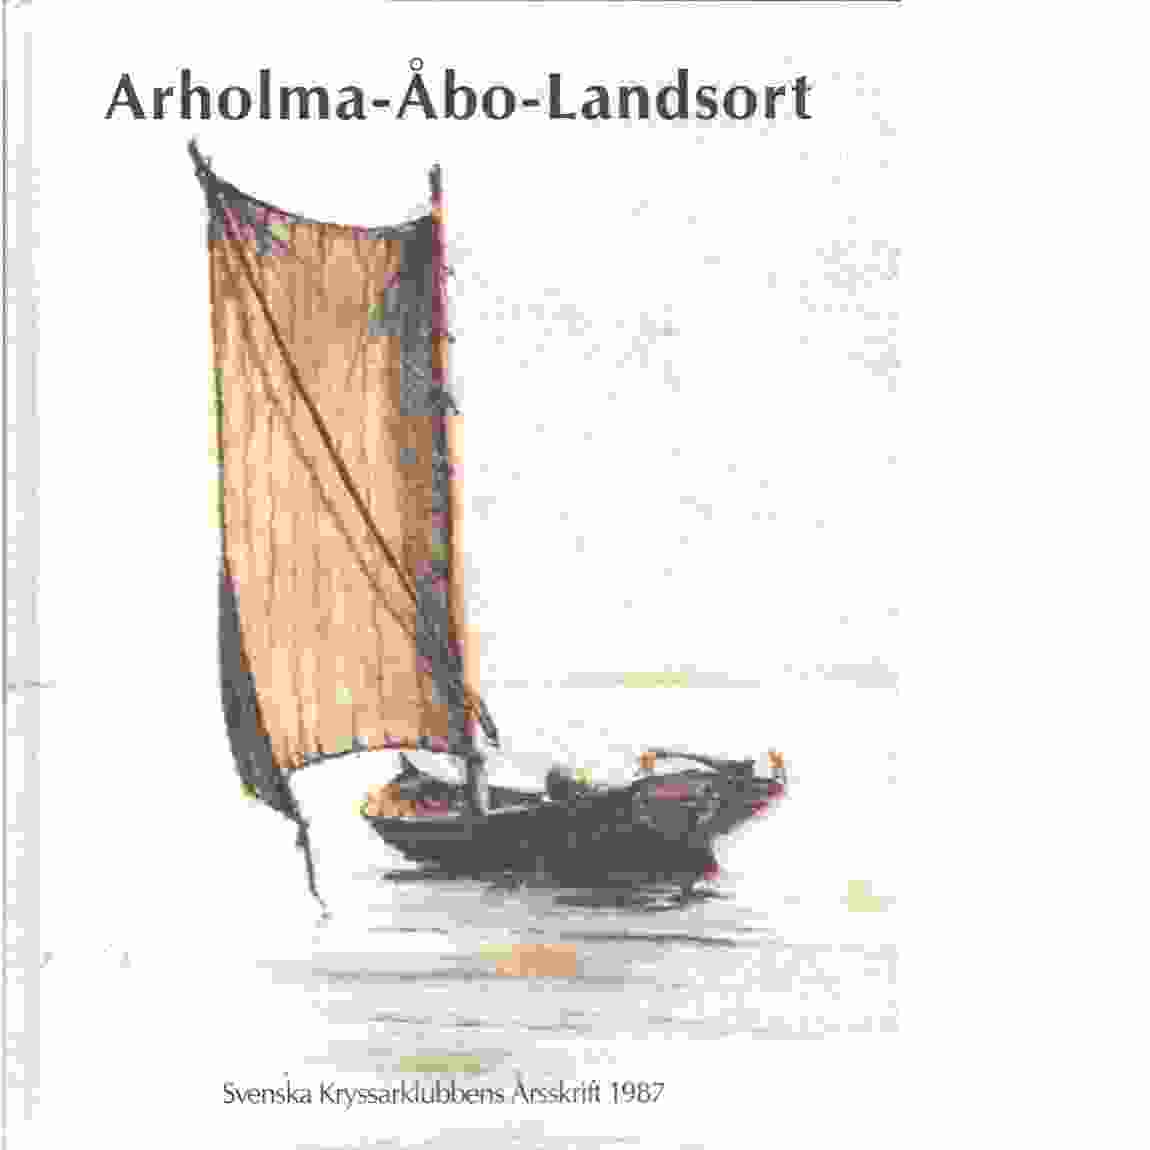 Arholma-Åbo-Landsort - Red. Johansson, Anders N